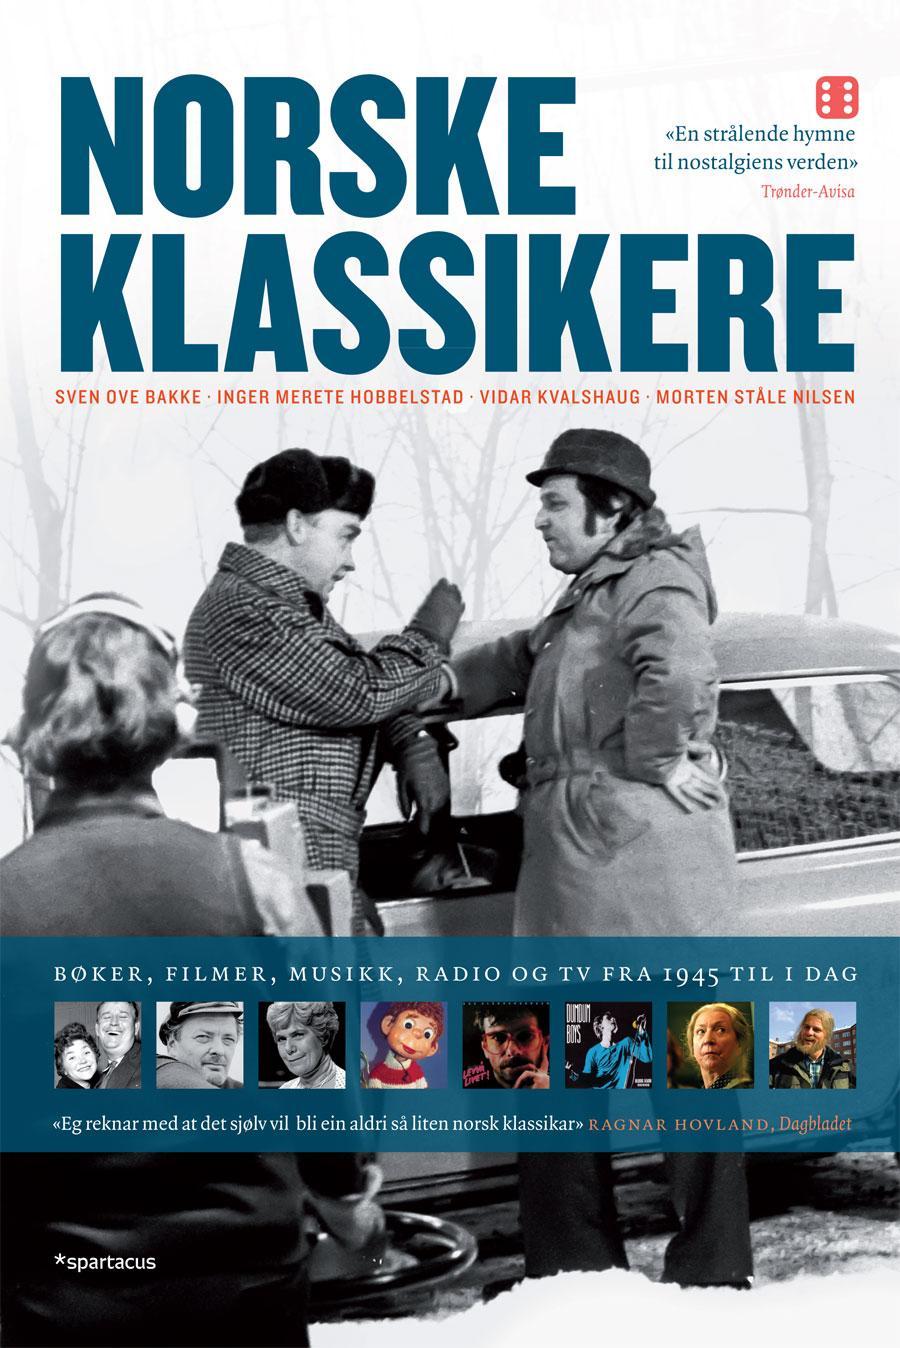 """""""Norske klassikere - bøker, filmer, musikk, radio og TV fra 1945 til i dag"""" av Sven Ove Bakke"""